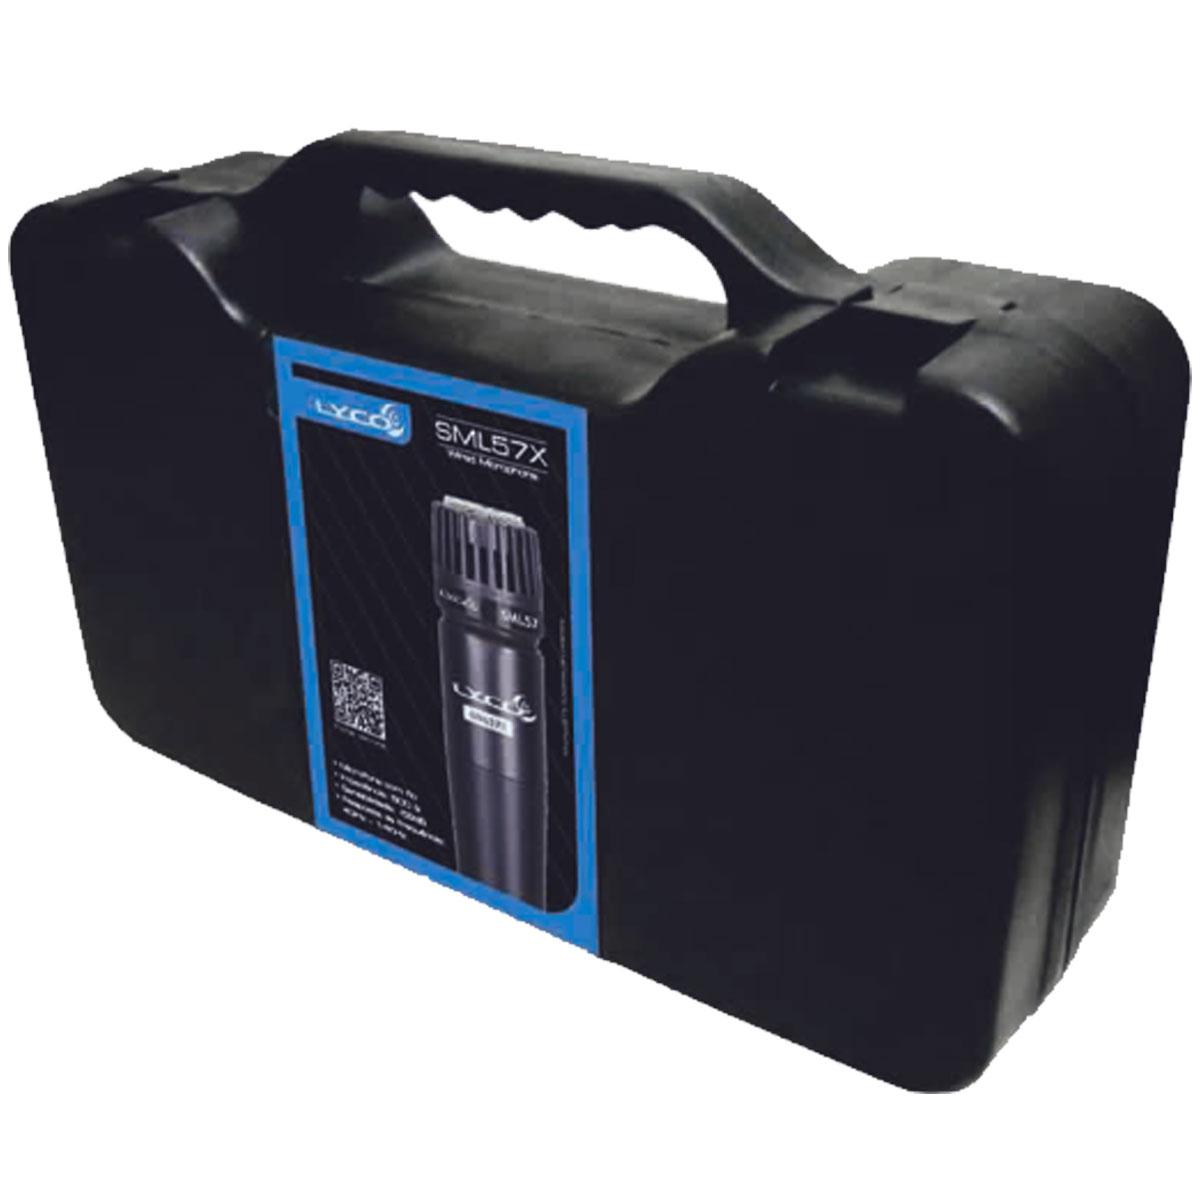 Microfone c/ Fio de Mão SML 57 X - Lyco